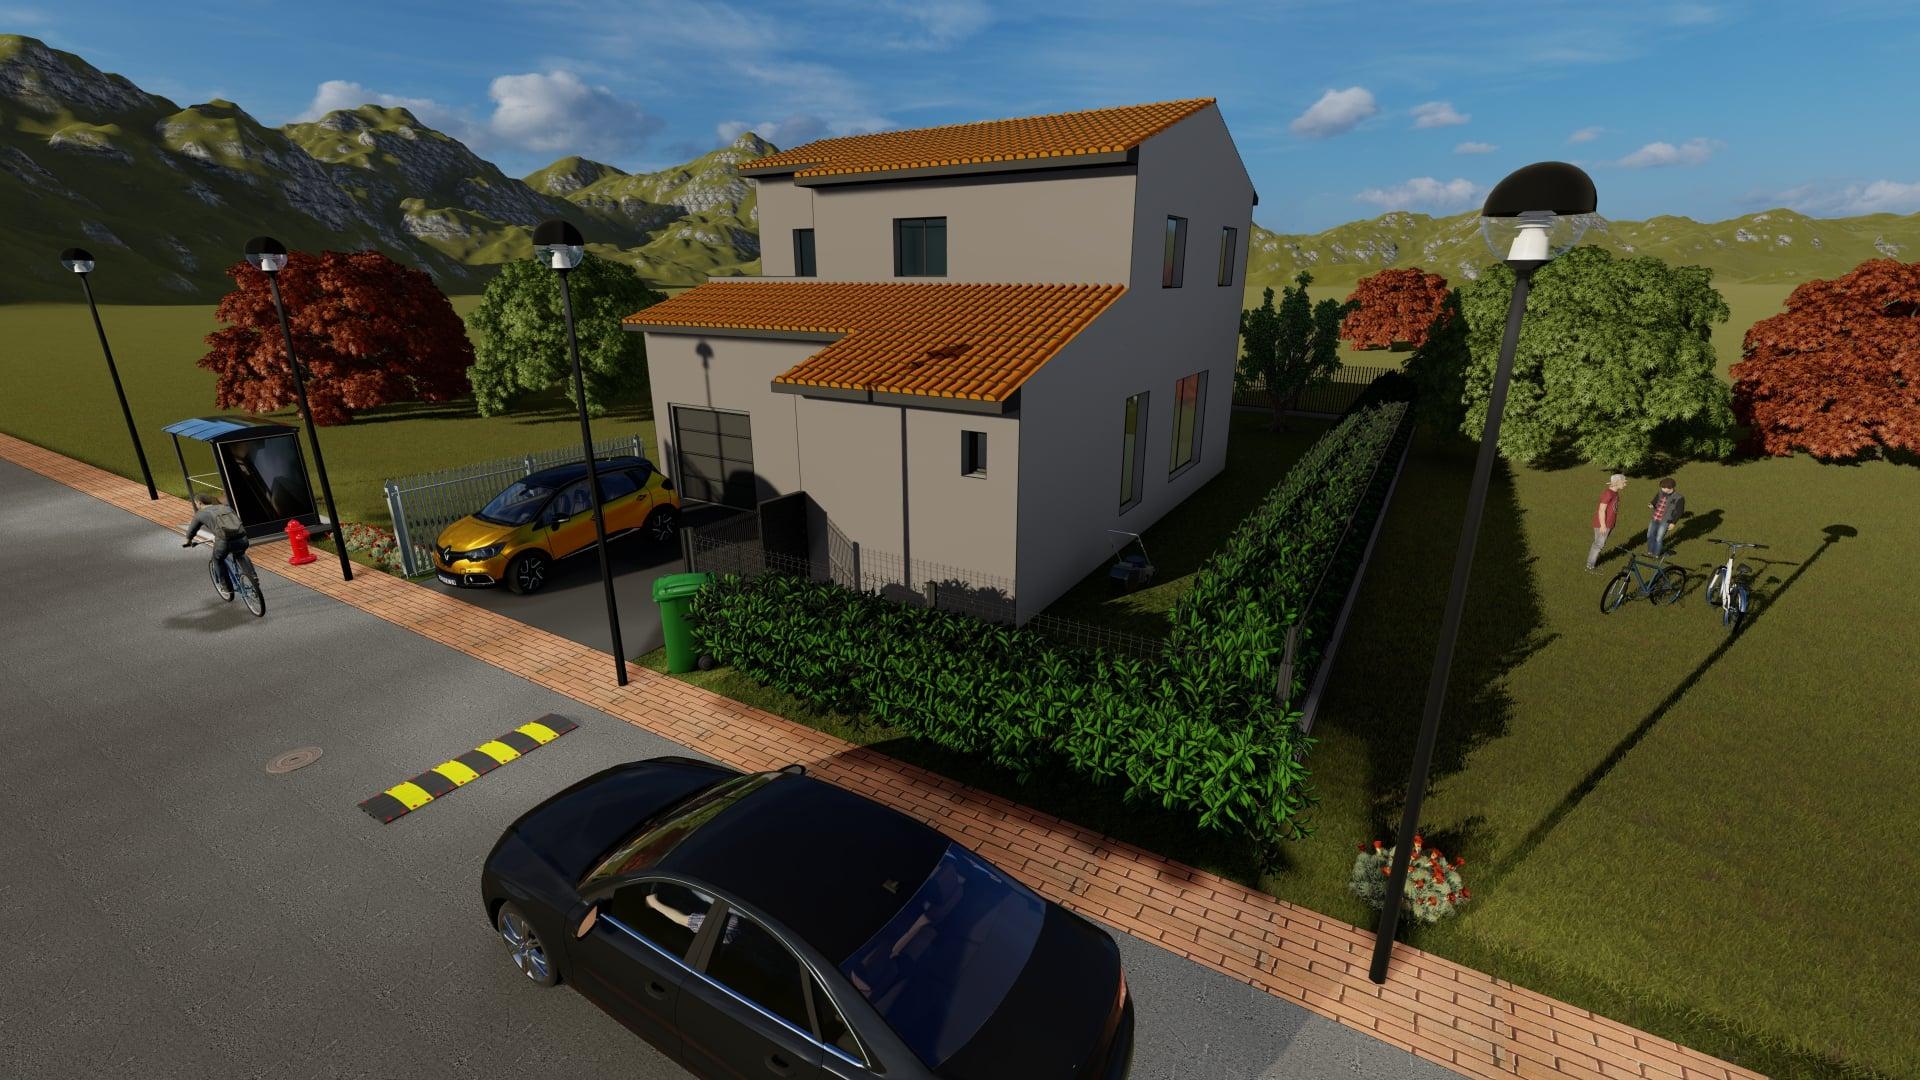 Maison 3D